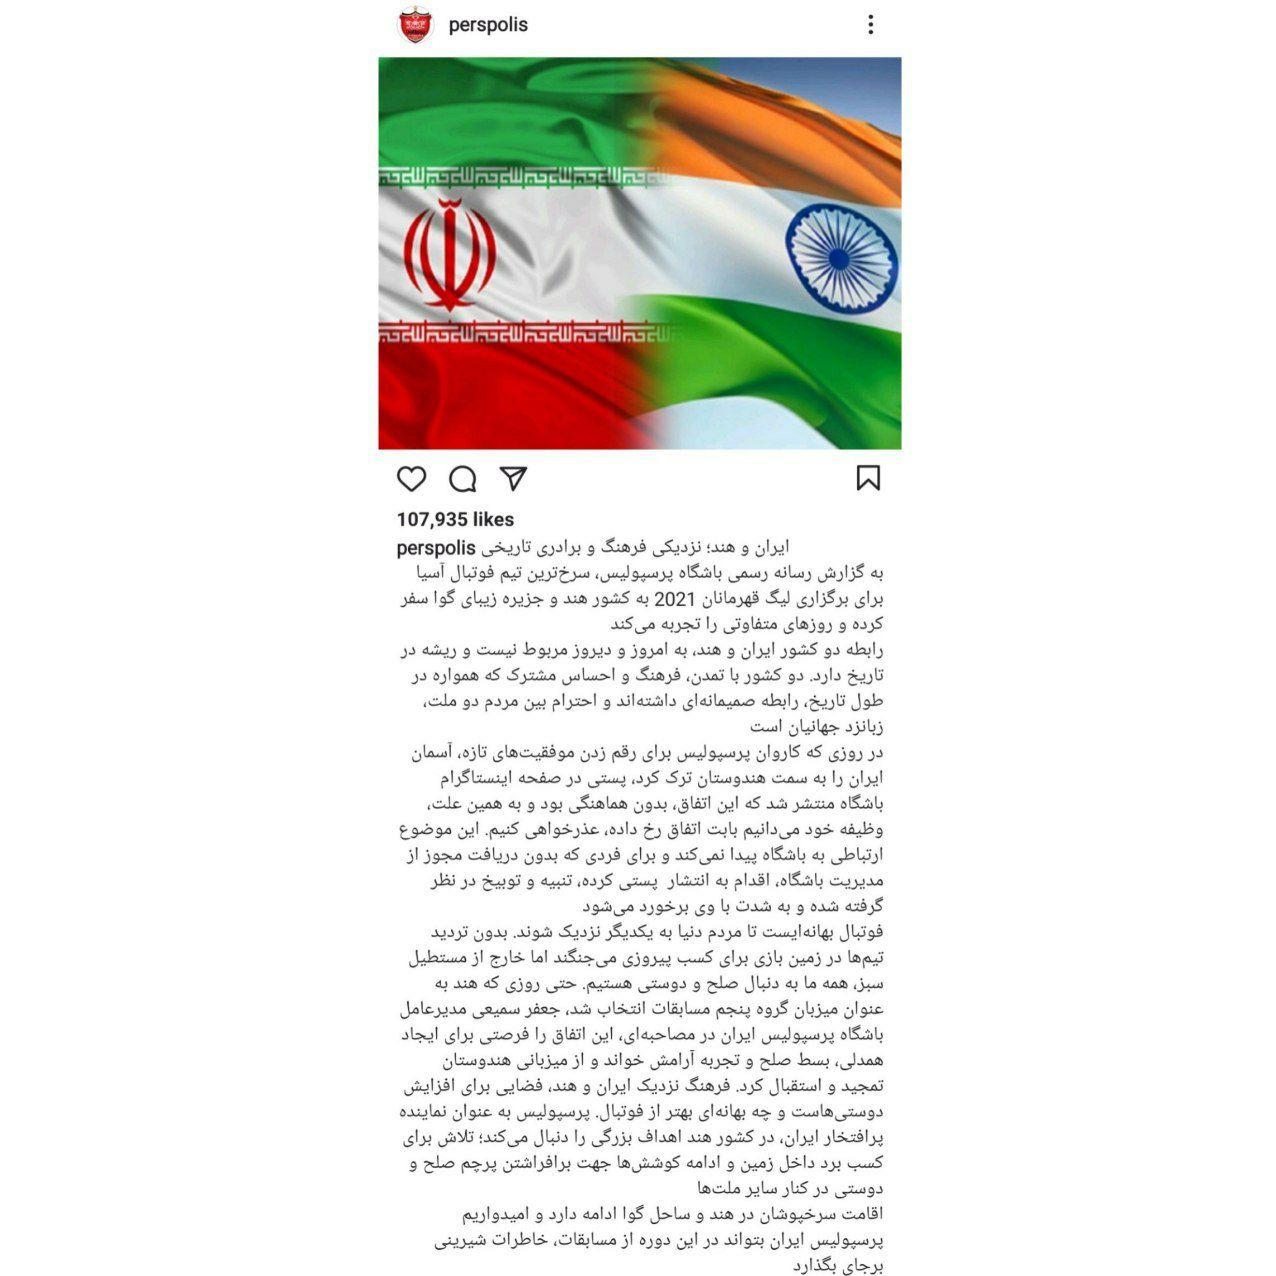 پرسپولیس از هند عذرخواهی کرد